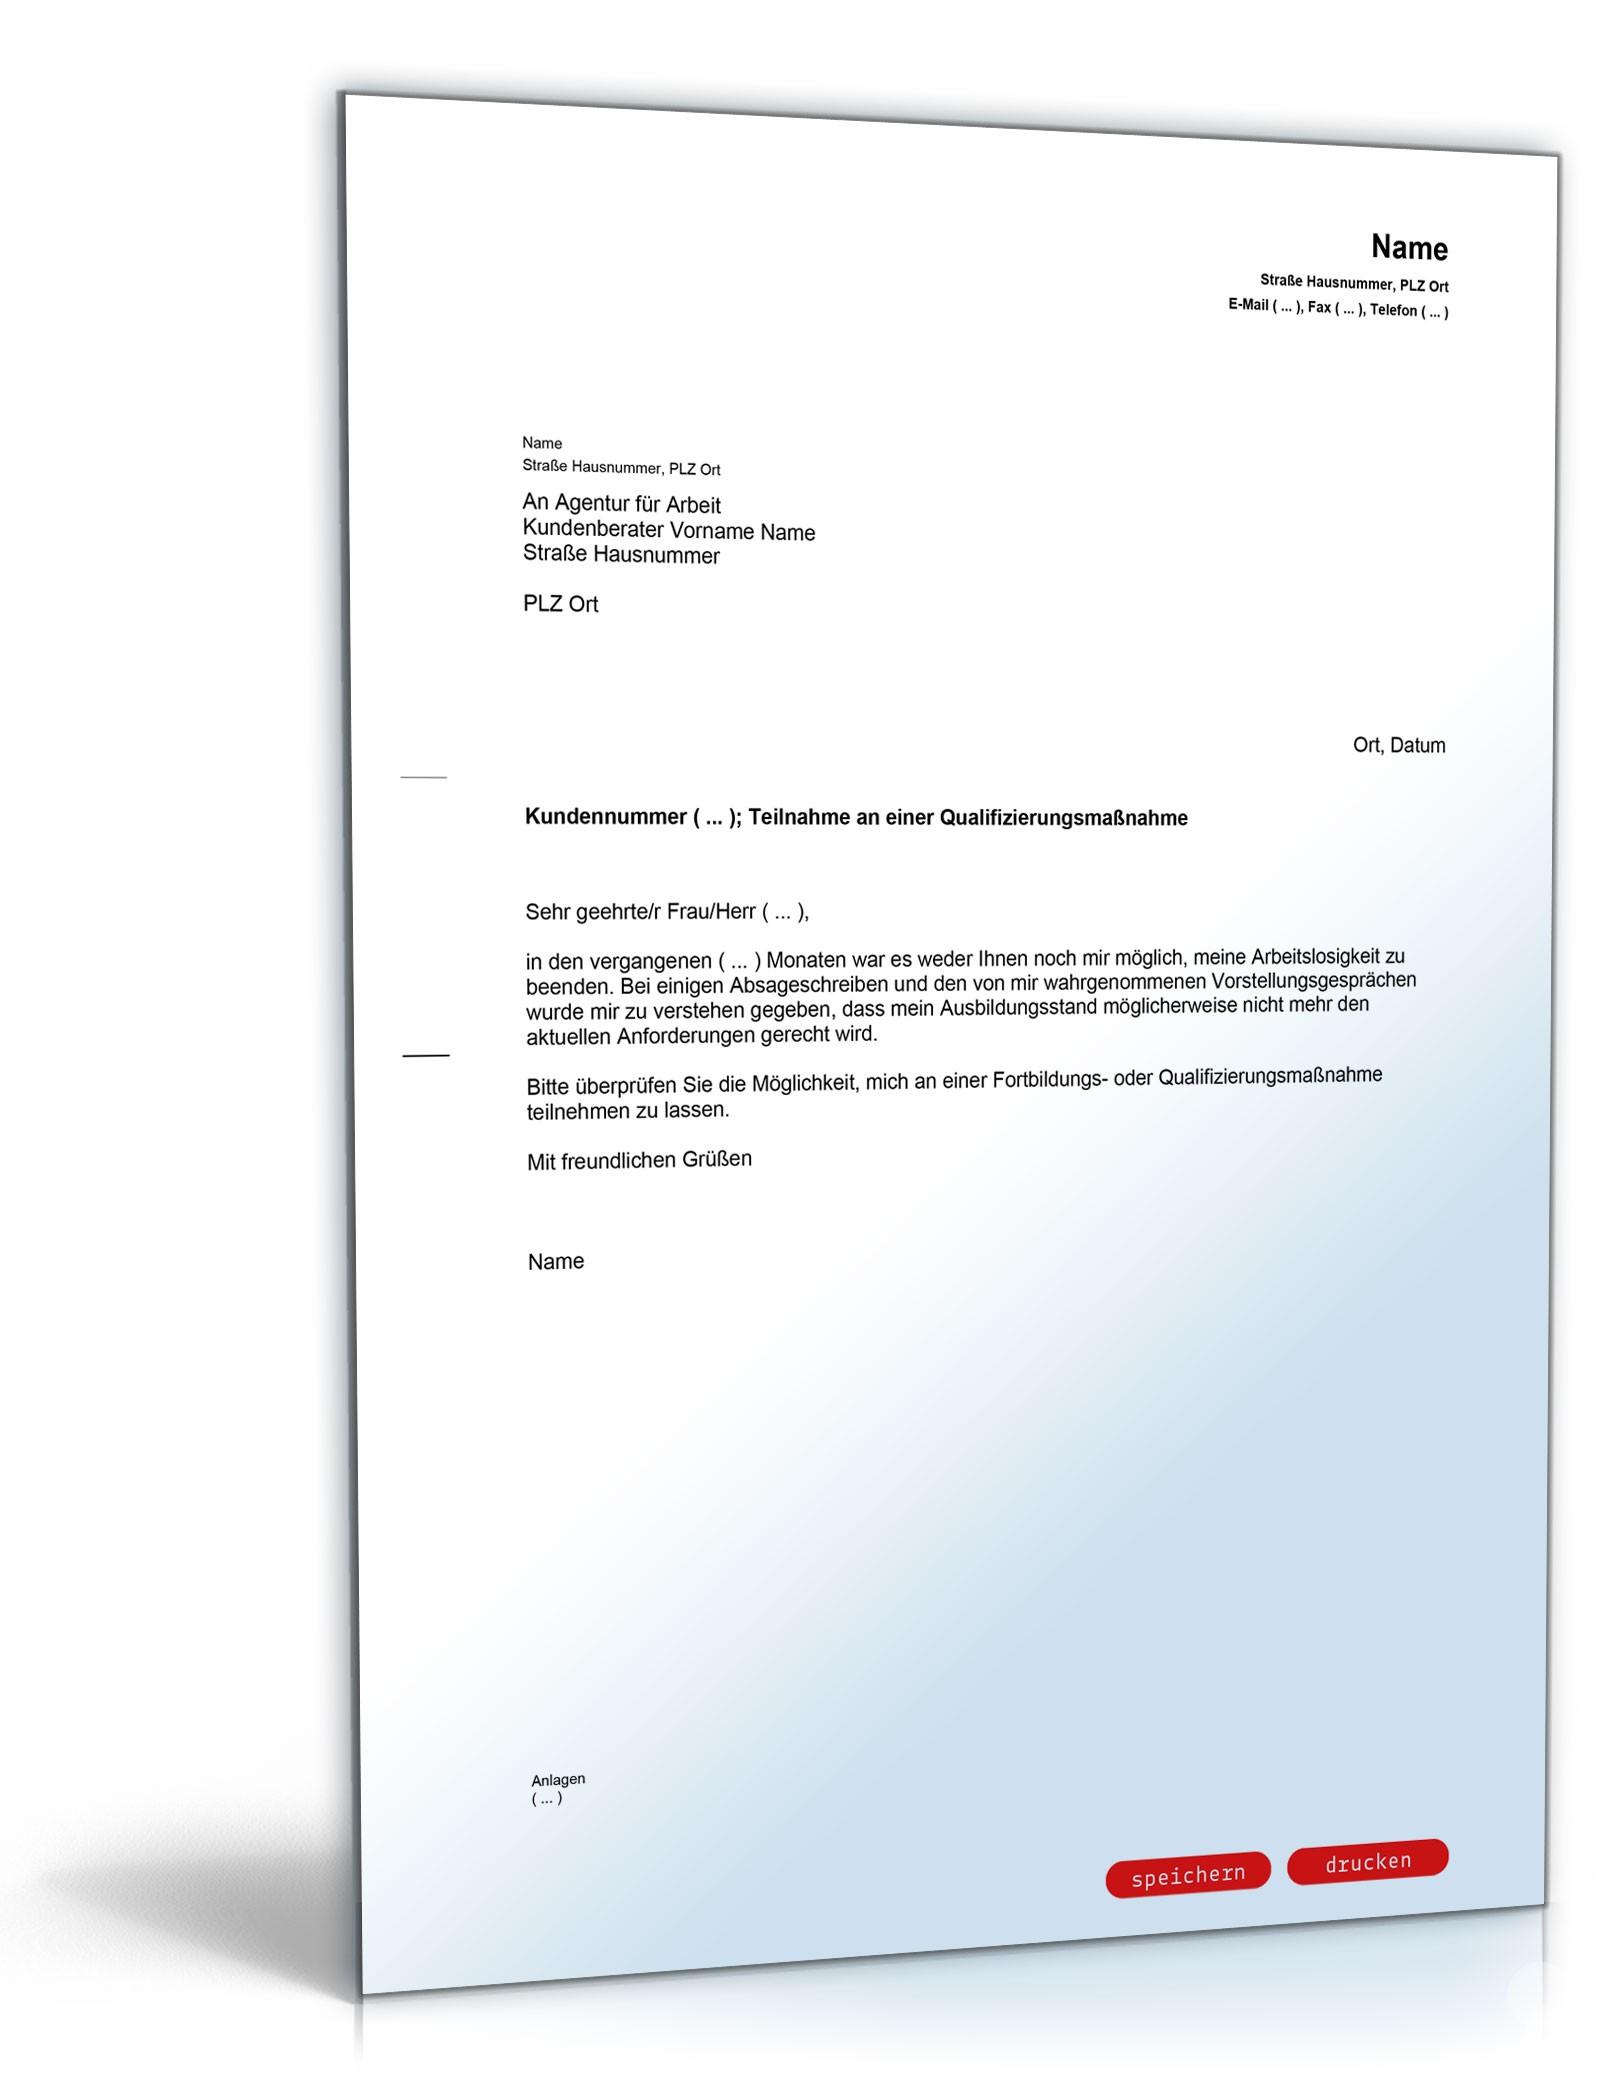 Anfrage Arbeitsagentur Fortbildung Muster Vorlage Zum Download